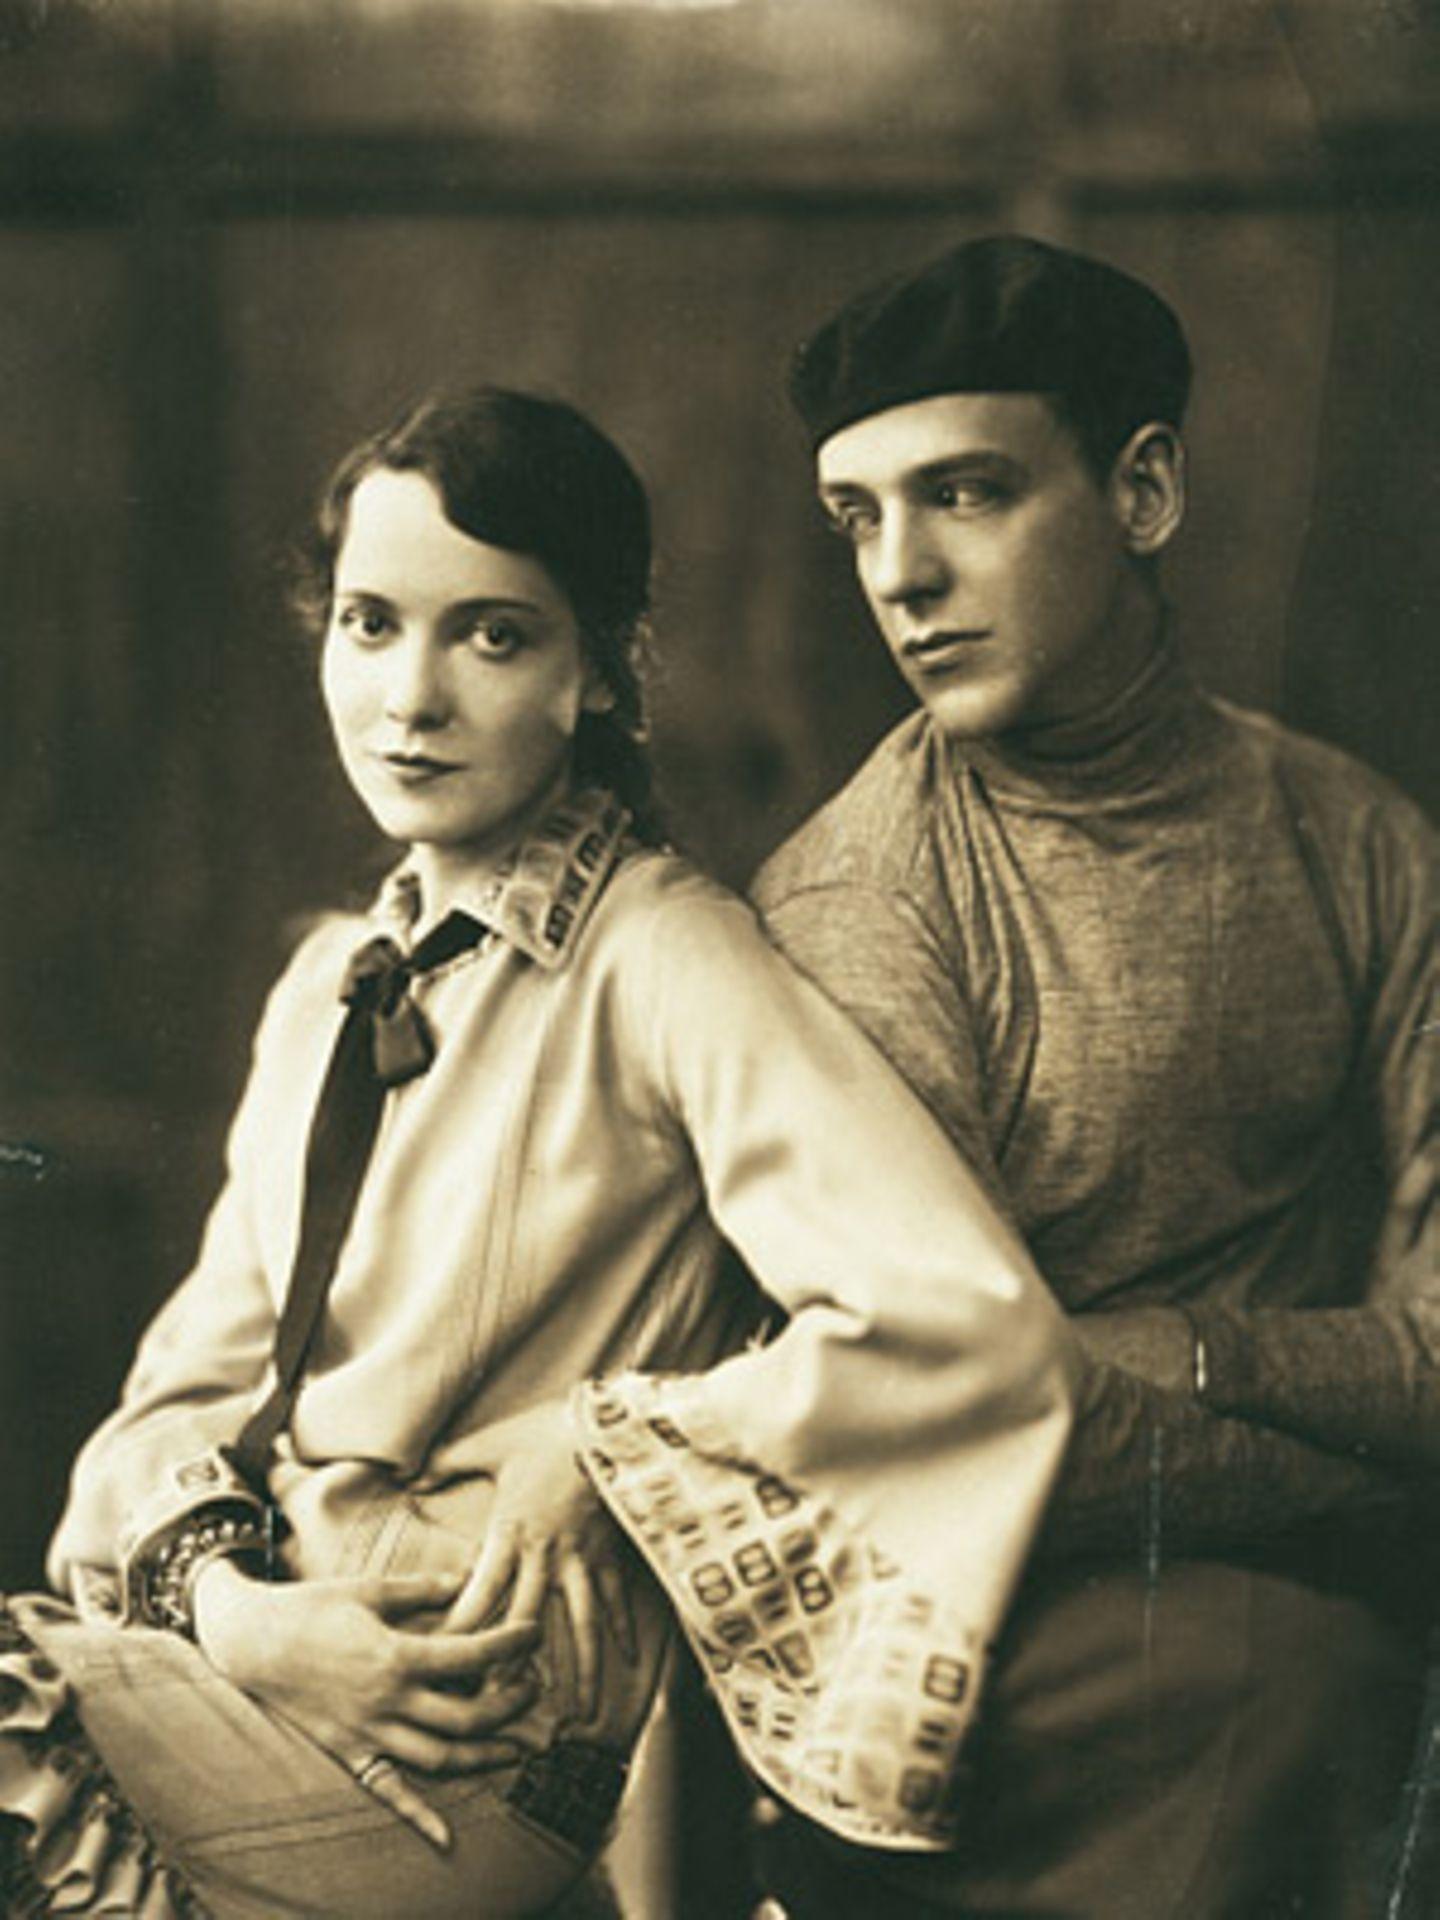 Adele Astaire and Fred Astaire by James Abbe 1926    Das tanzende Geschwisterpaar Adele und Fred Astaire eroberte die Herzen der Amerikaner im Sturm. Kathryn Abbe fotografierte sie für die Vanity Fair im September 1927.